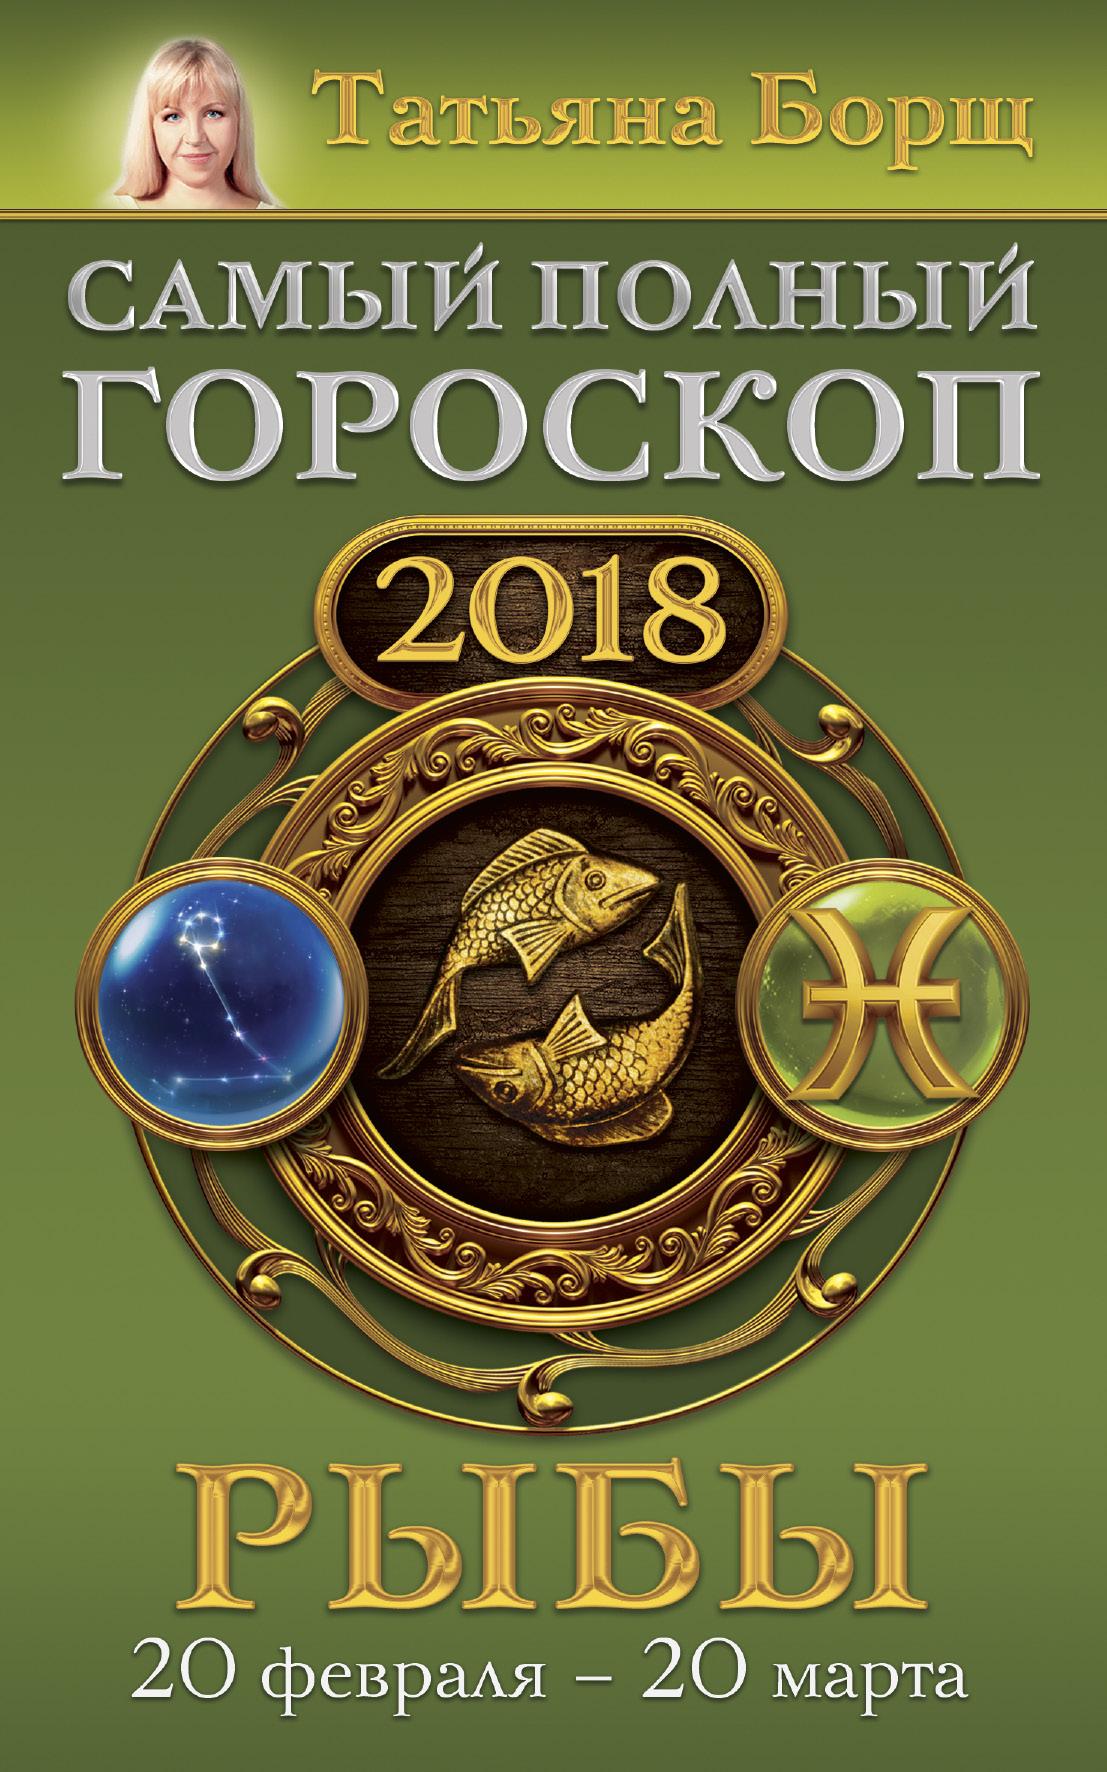 Рыбы. Самый полный гороскоп на 2018 год. 20 февраля - 20 марта